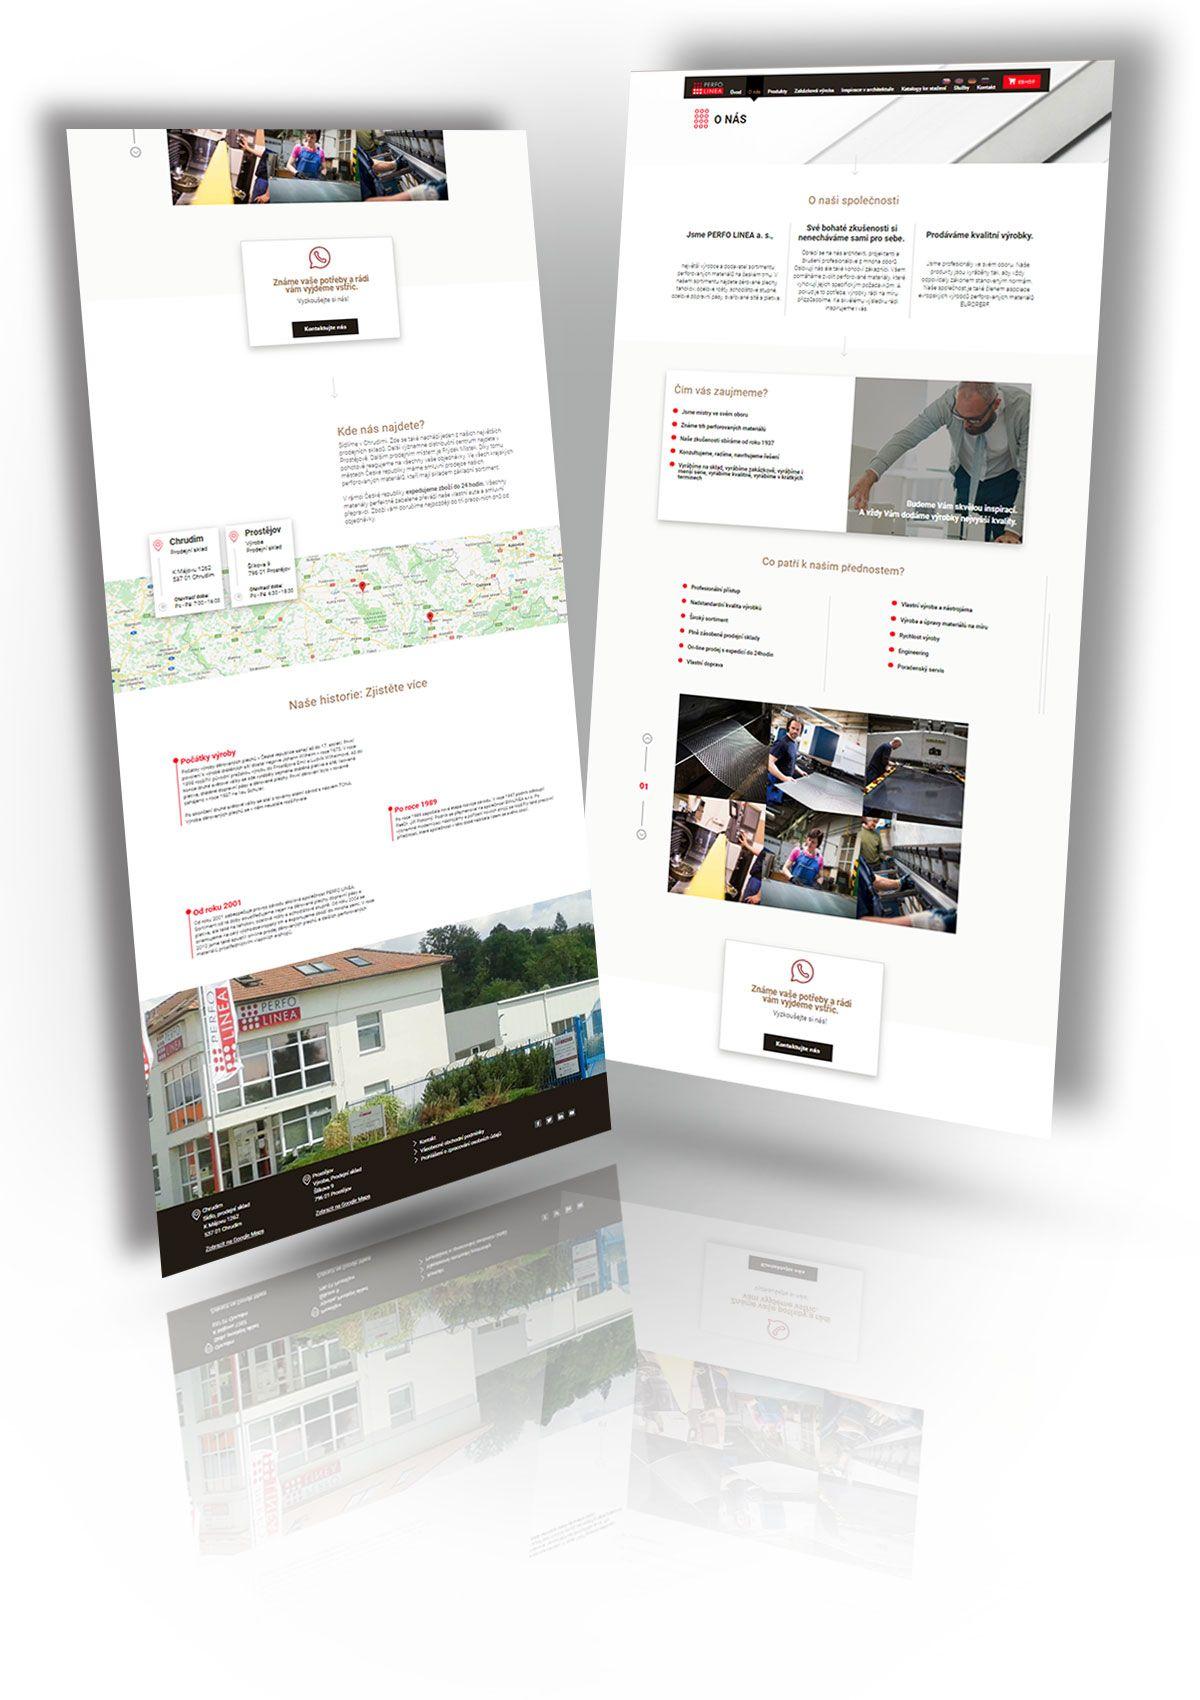 Referencia nová web stránka Perfolinea - magnetica.sk